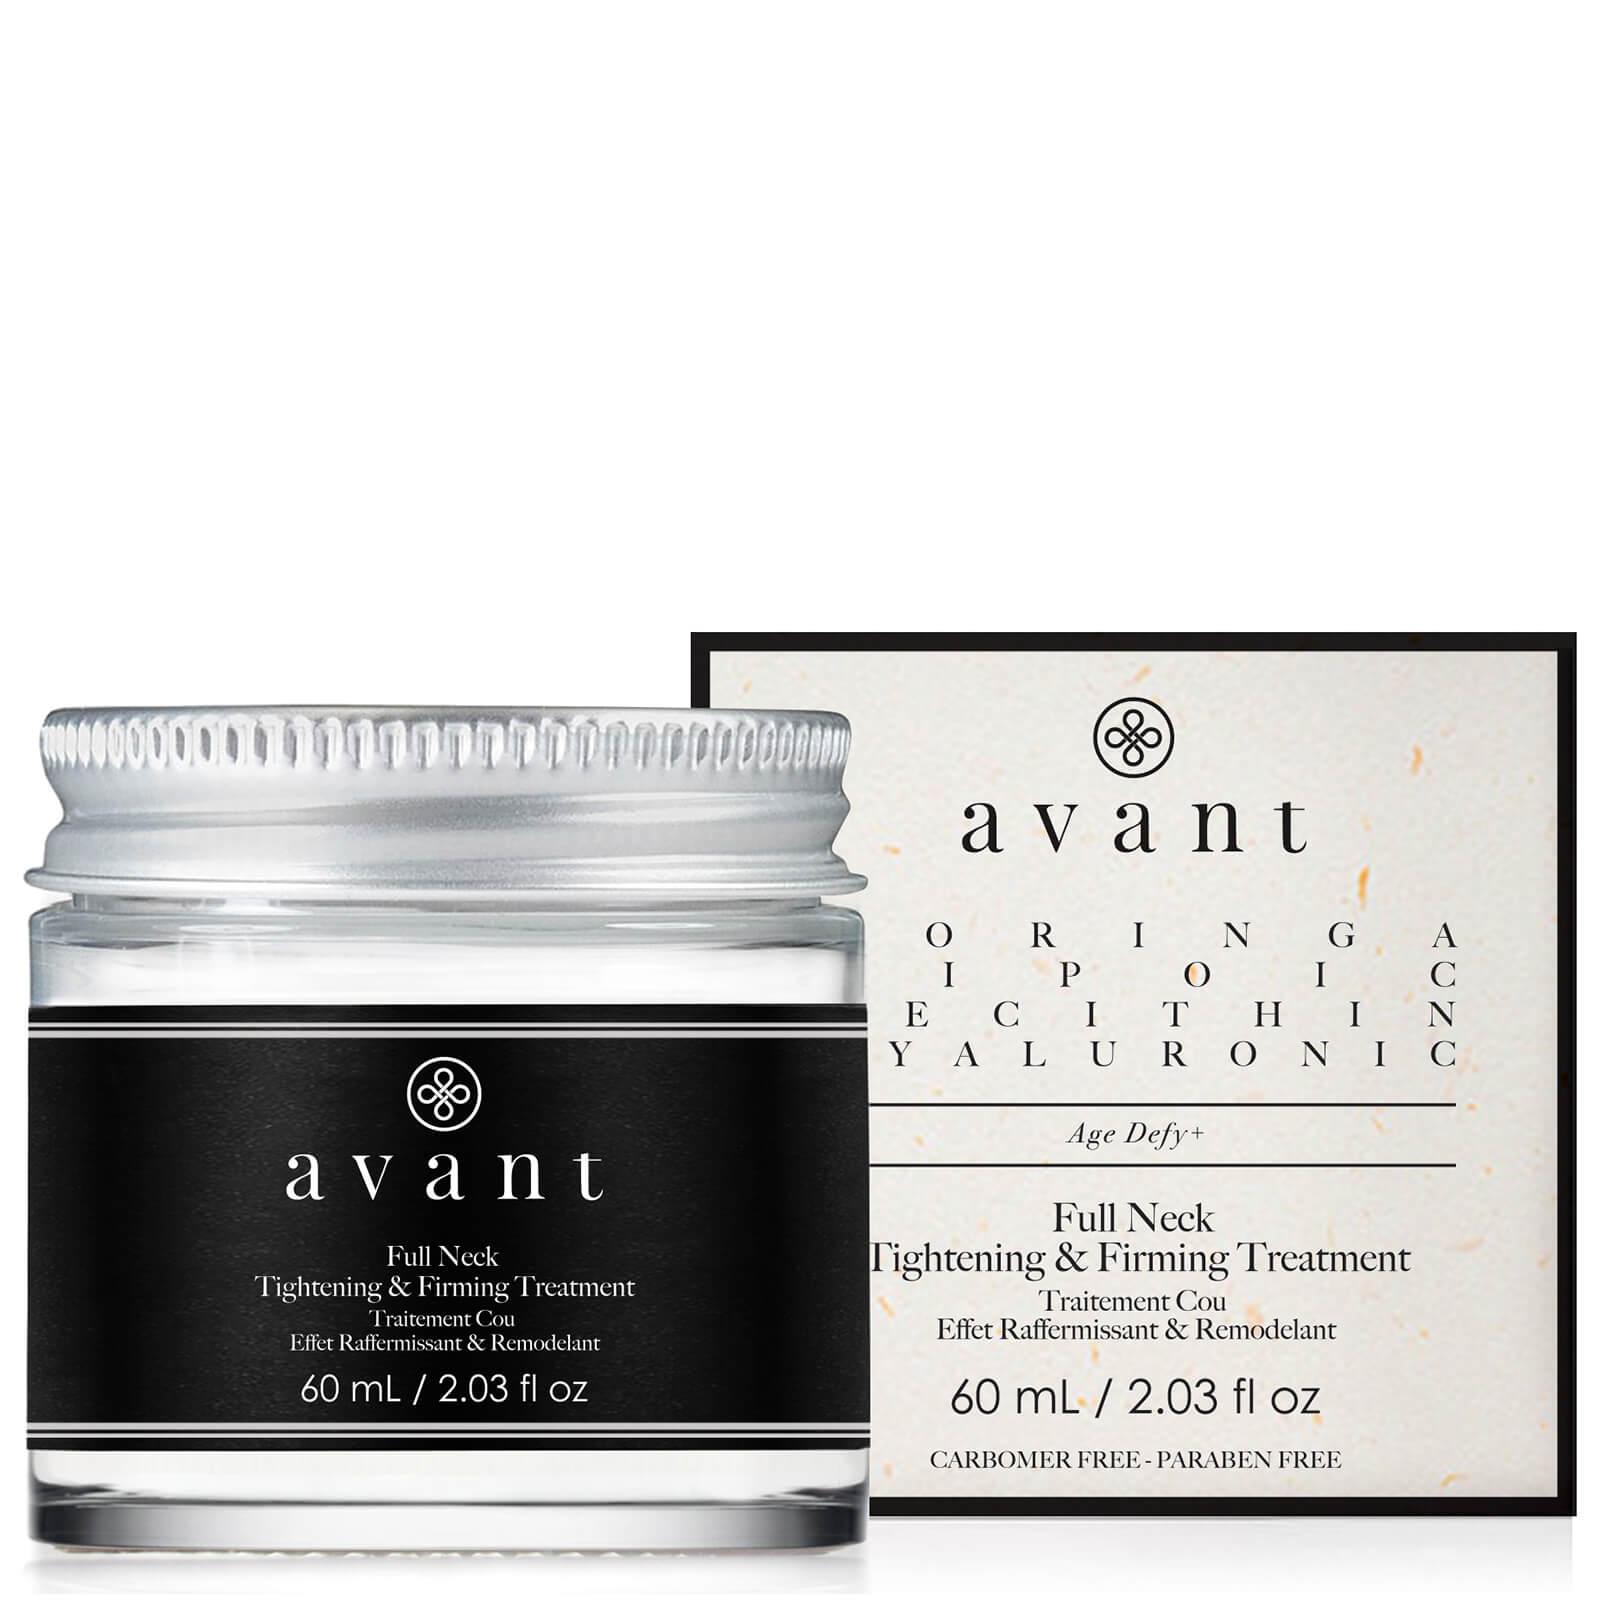 Купить Подтягивающий и укрепляющий кожу крем для шеи Avant Skincare Full Neck Tightening and Firming Treatment 60мл